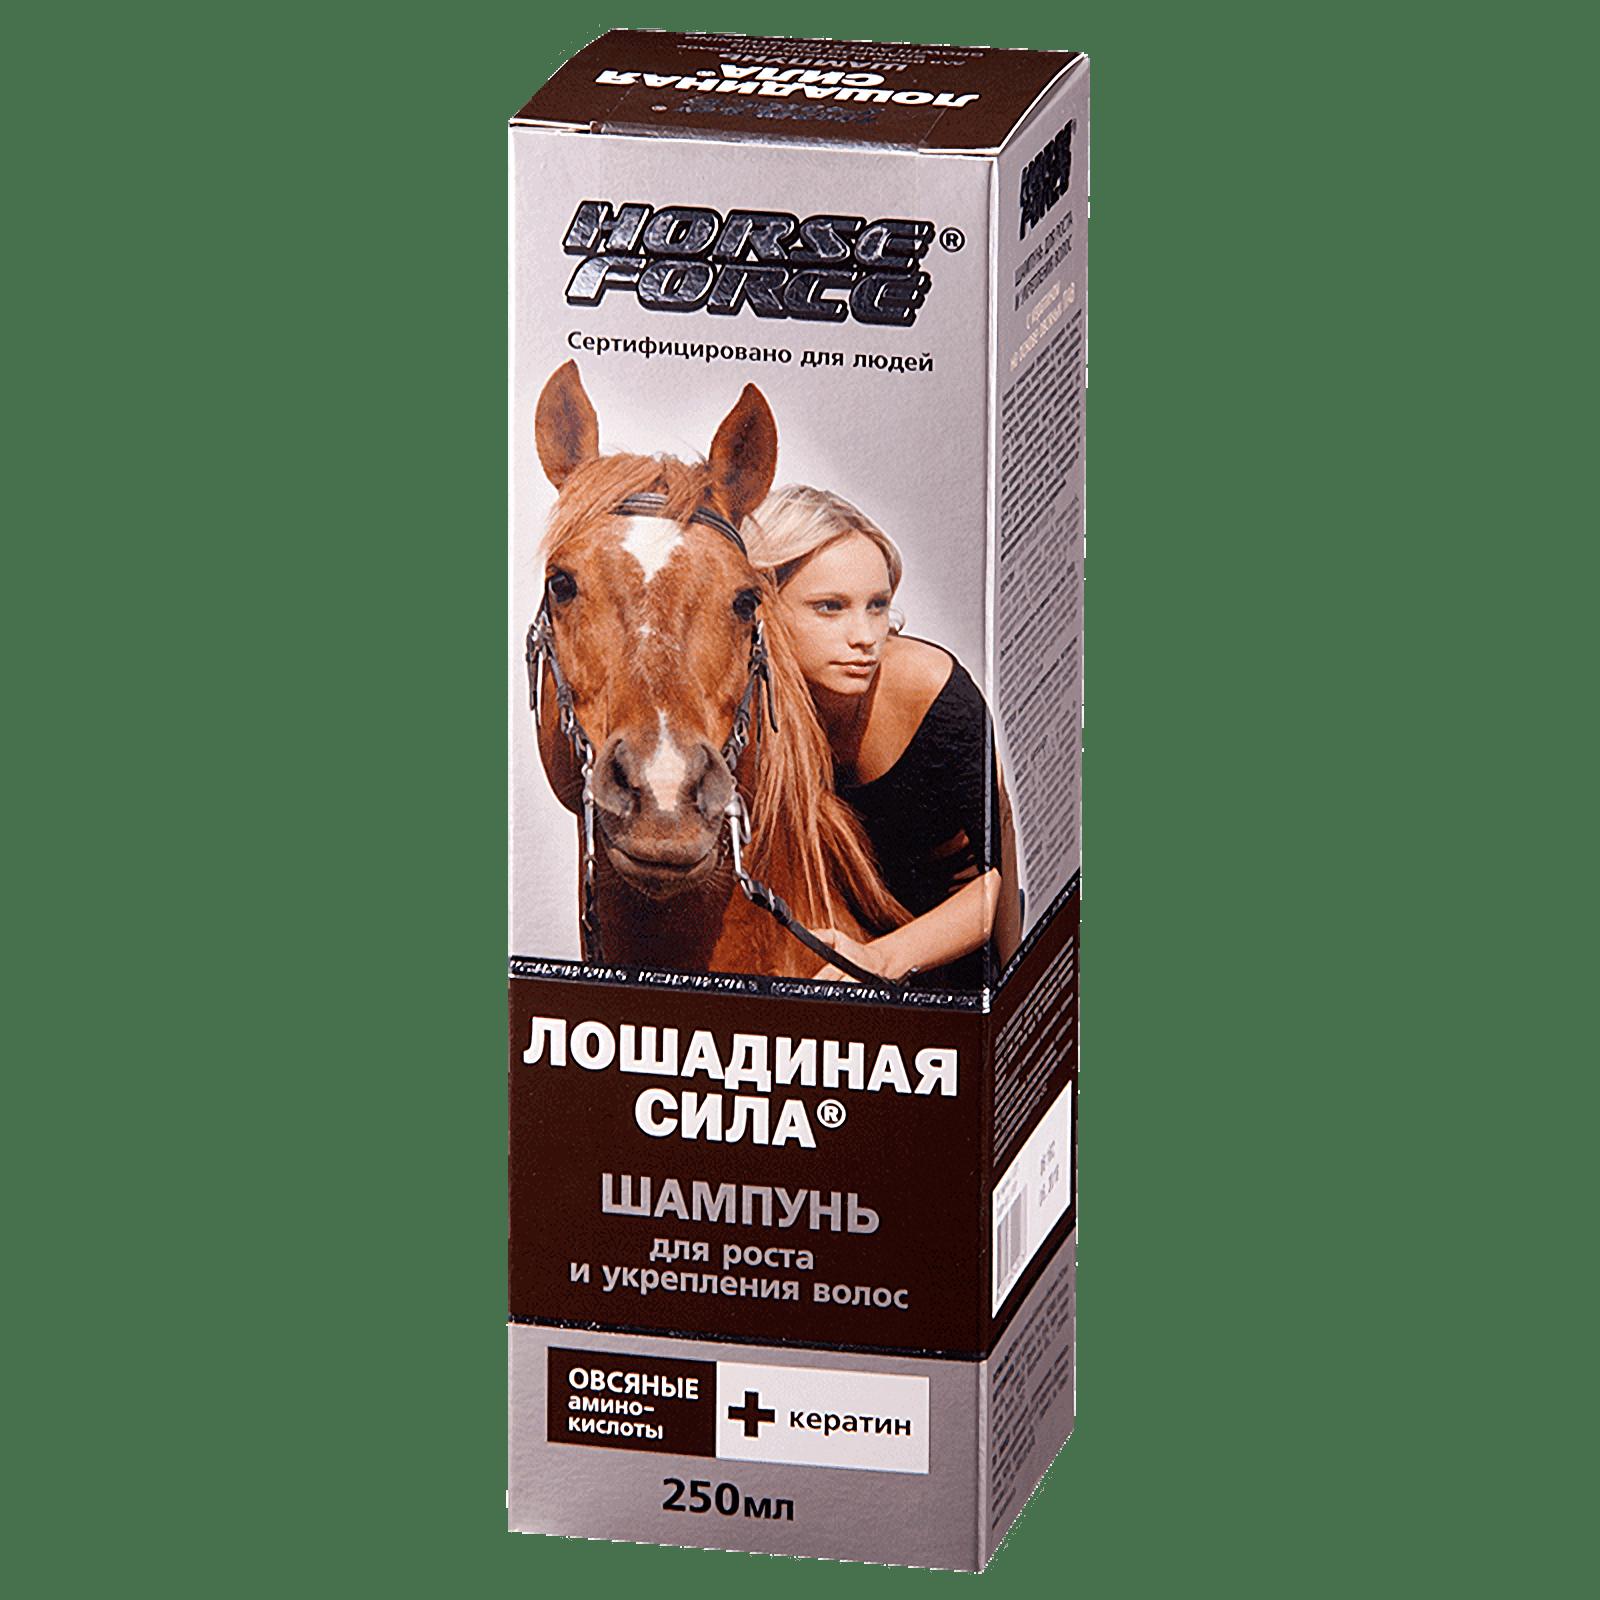 Лошадиная сила с кератином и овсяными аминокислотами